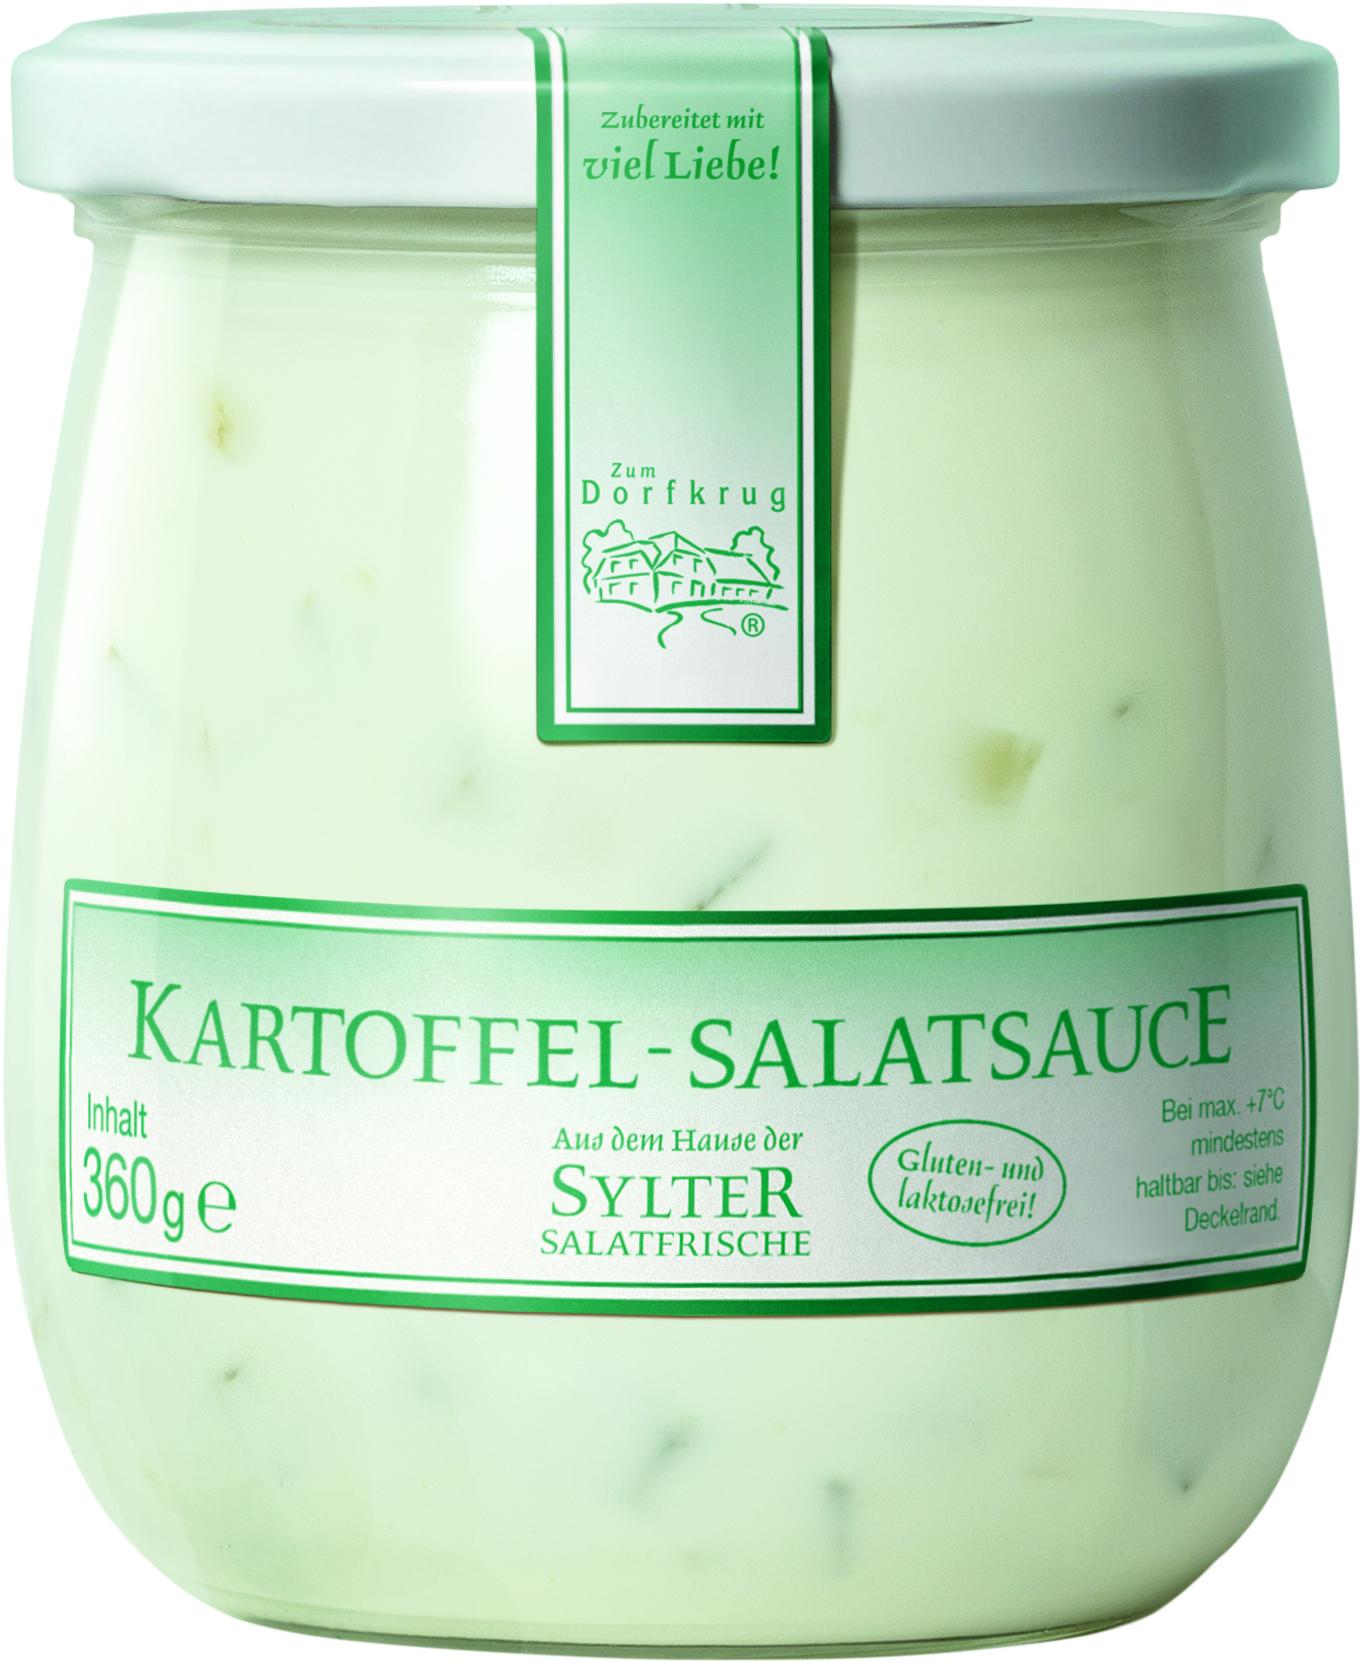 rz_kartoffelsalatsauce_360g_gluten_laktofrei